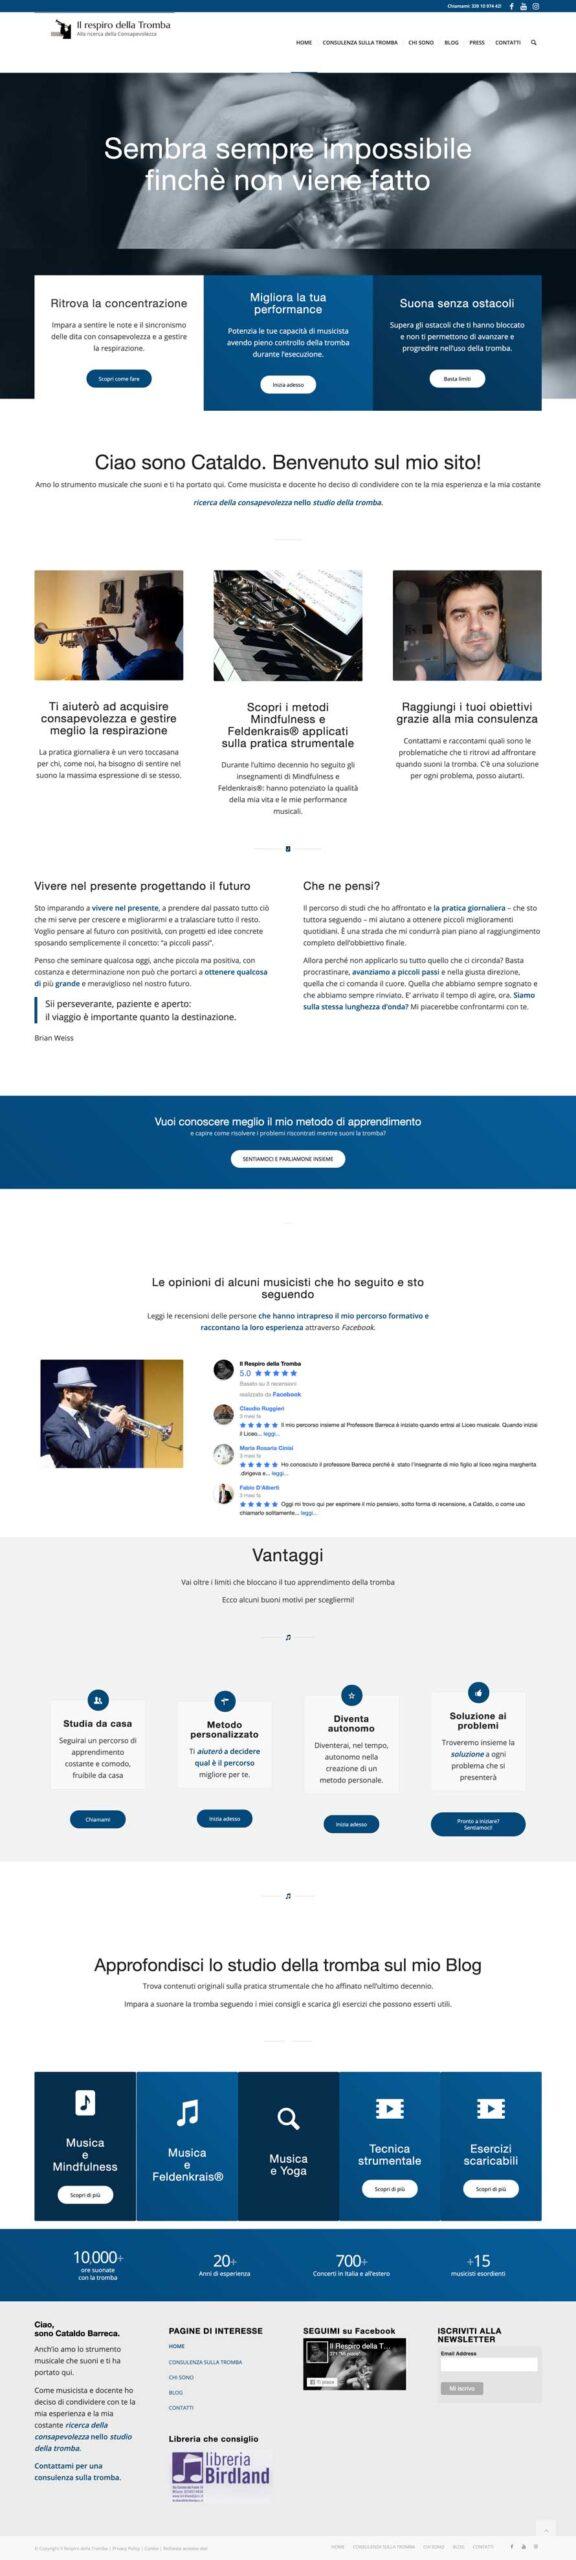 Immagine dell'intera home page del sito Il respiro della tromba